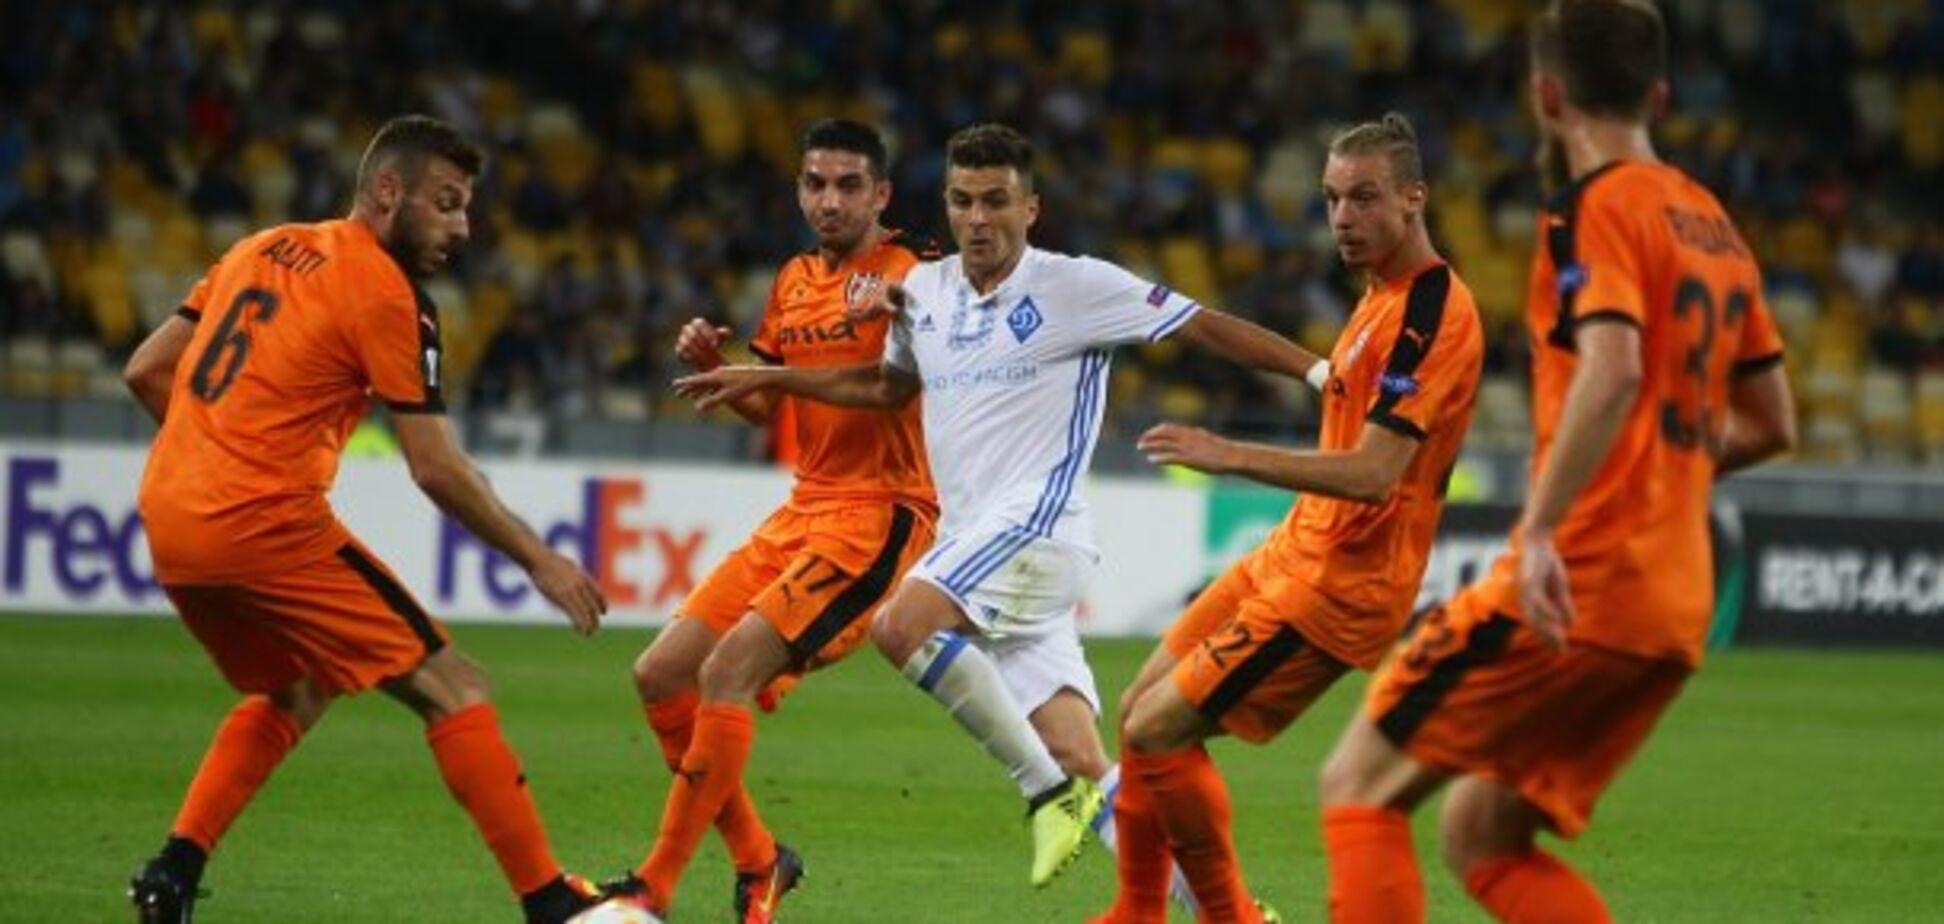 Матч розпочався! Скендербеу - Динамо: онлайн-трансляція матчу Ліги Європи